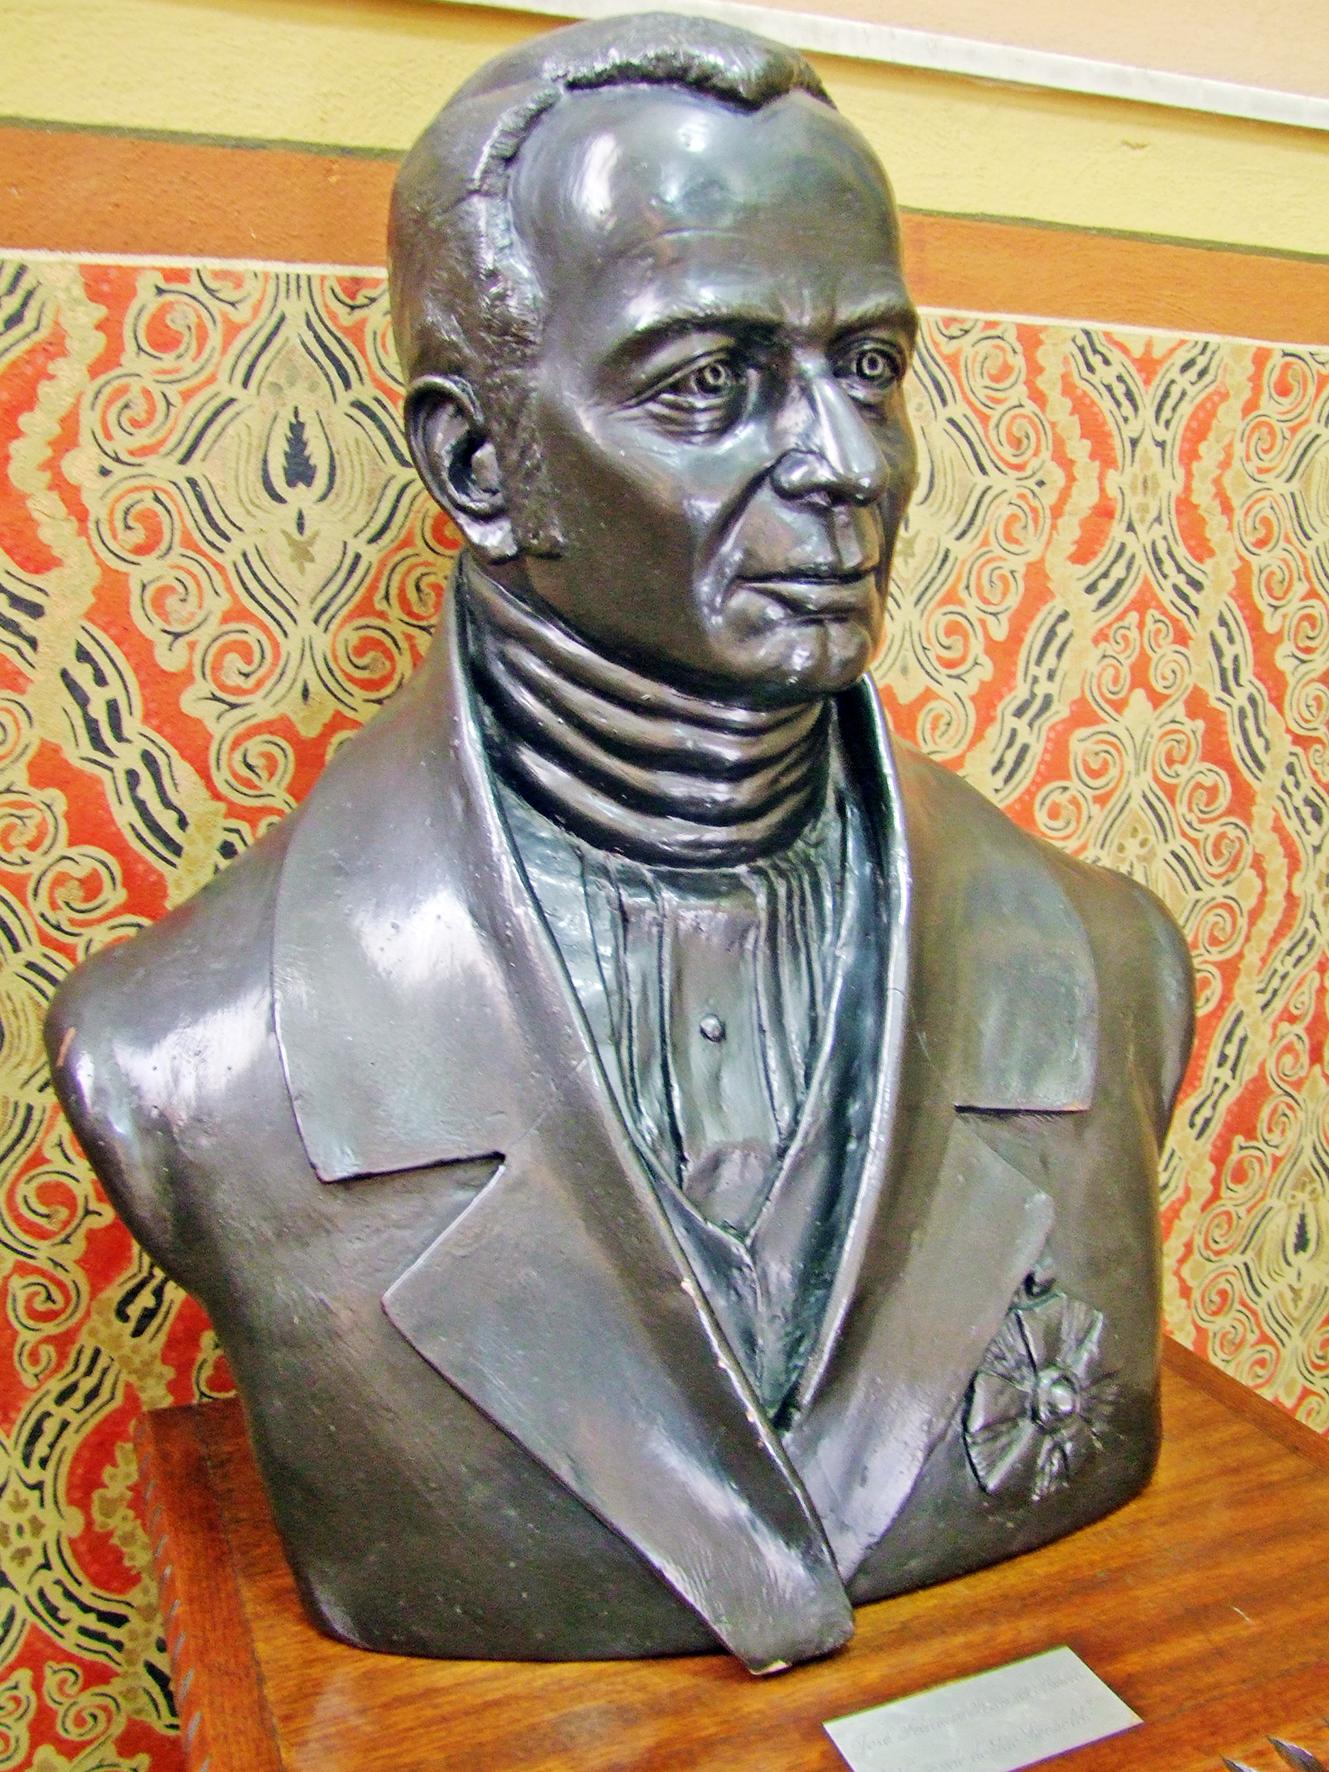 Busto do ilustre santista que se encontra na sede da Sociedade Visconde de São Leopoldo (mantenedora da UniSantos e do Liceu Santista,  que já abrigou o Palácio Episcopal), em Santos.